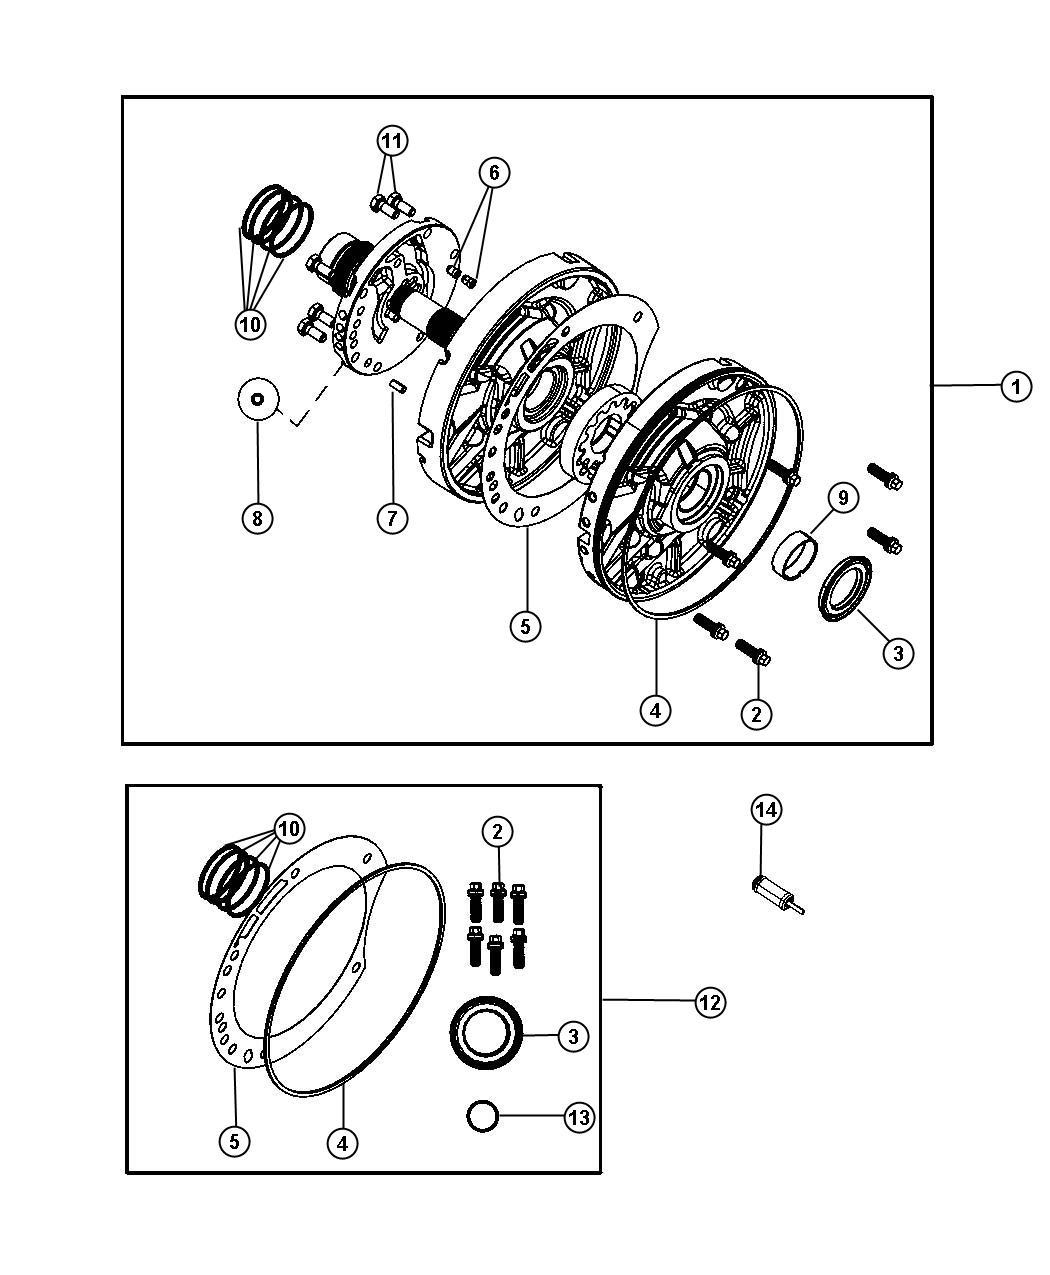 Chrysler 200 Pump. Transmission oil. Remanufactured